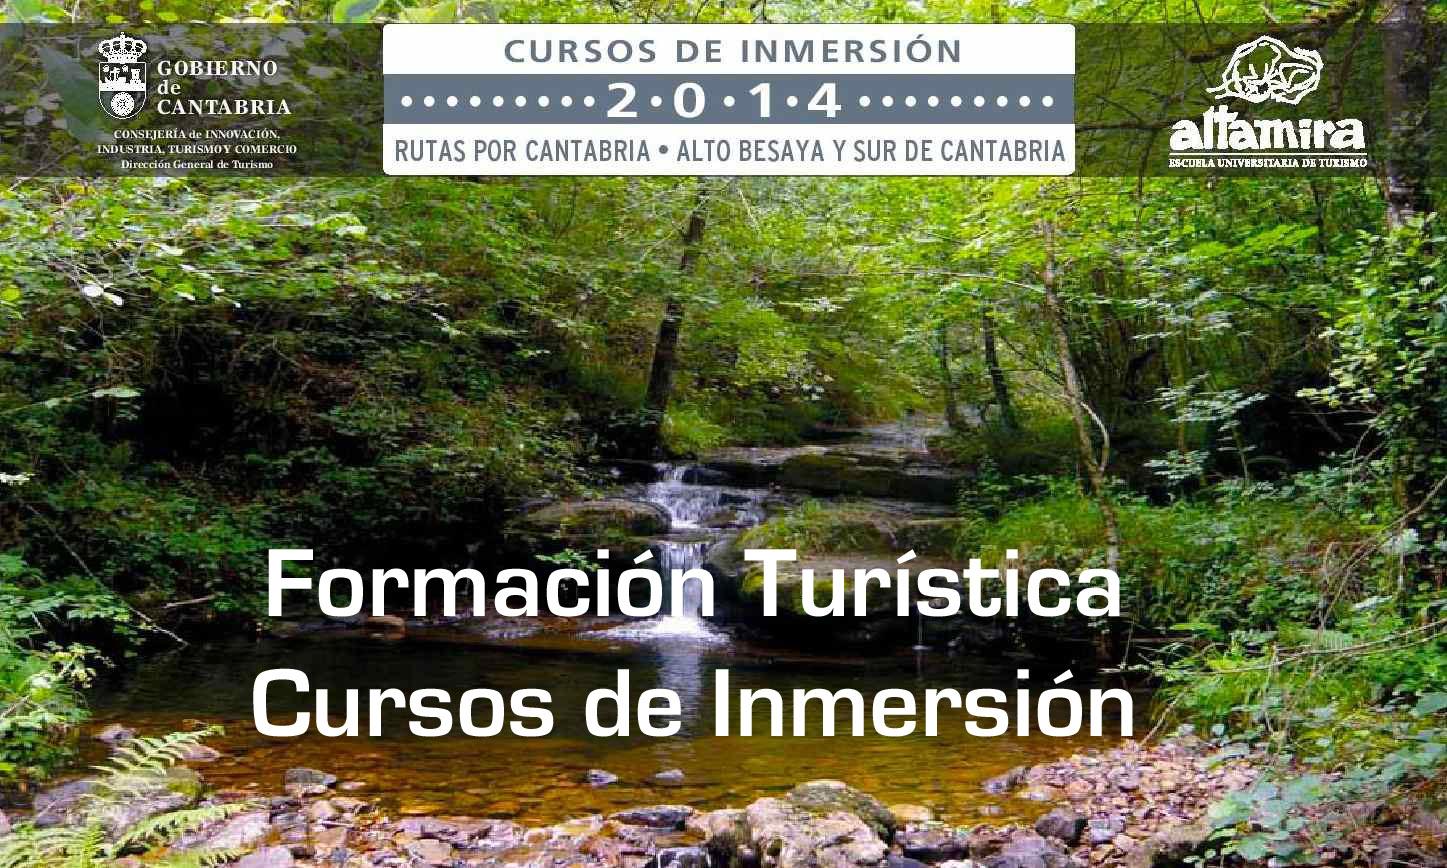 CURSOS RUTAS 2014-page-001 2 copia